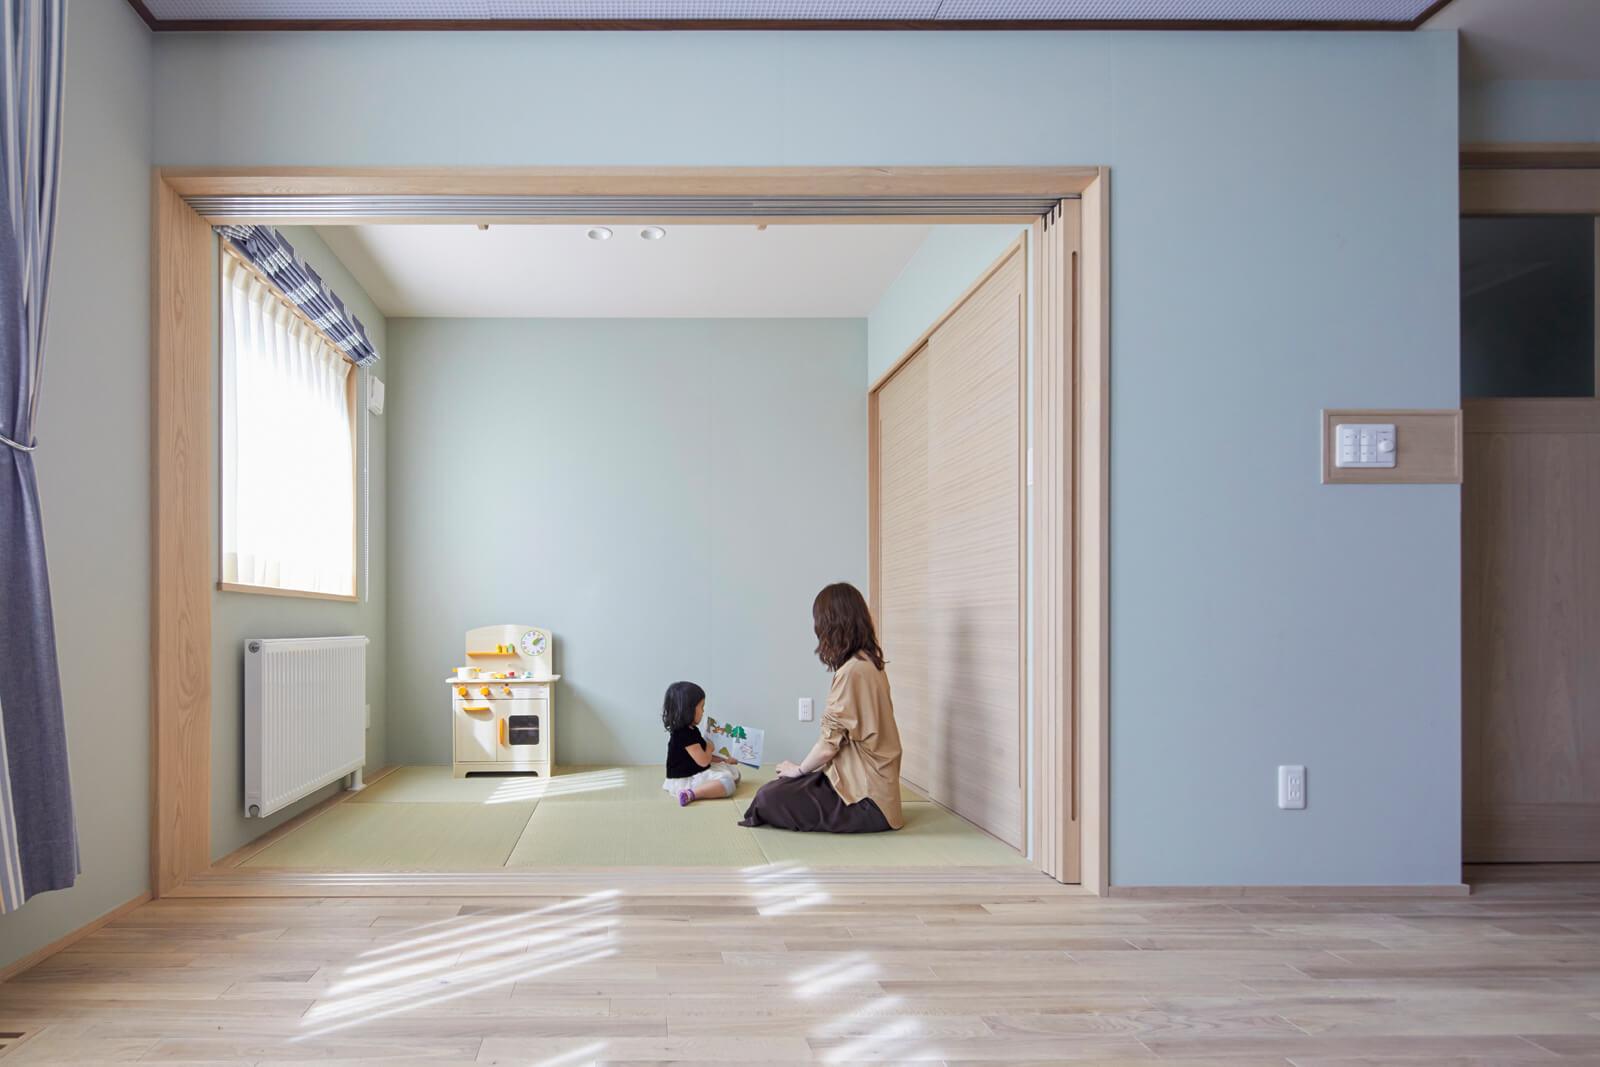 「寝転んでくつろげるような和室がほしかったんです」というYさんの希望を叶えたリビング横の和室。子どもが遊んだり、昼寝をするスペースとしても活用中